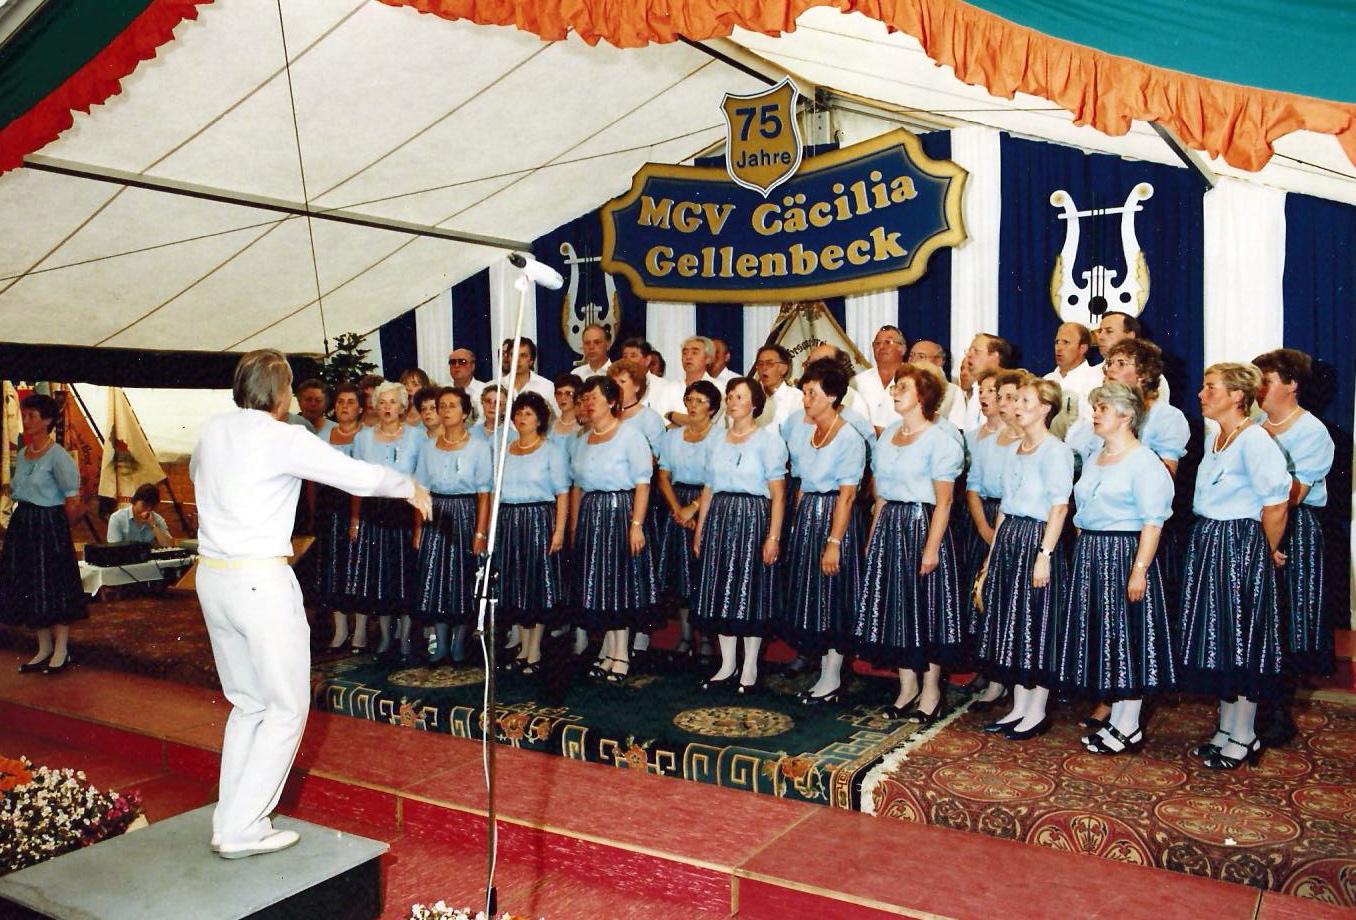 1986 - Freundschaftsingen beim MGV Cäcilia Gellenbeck